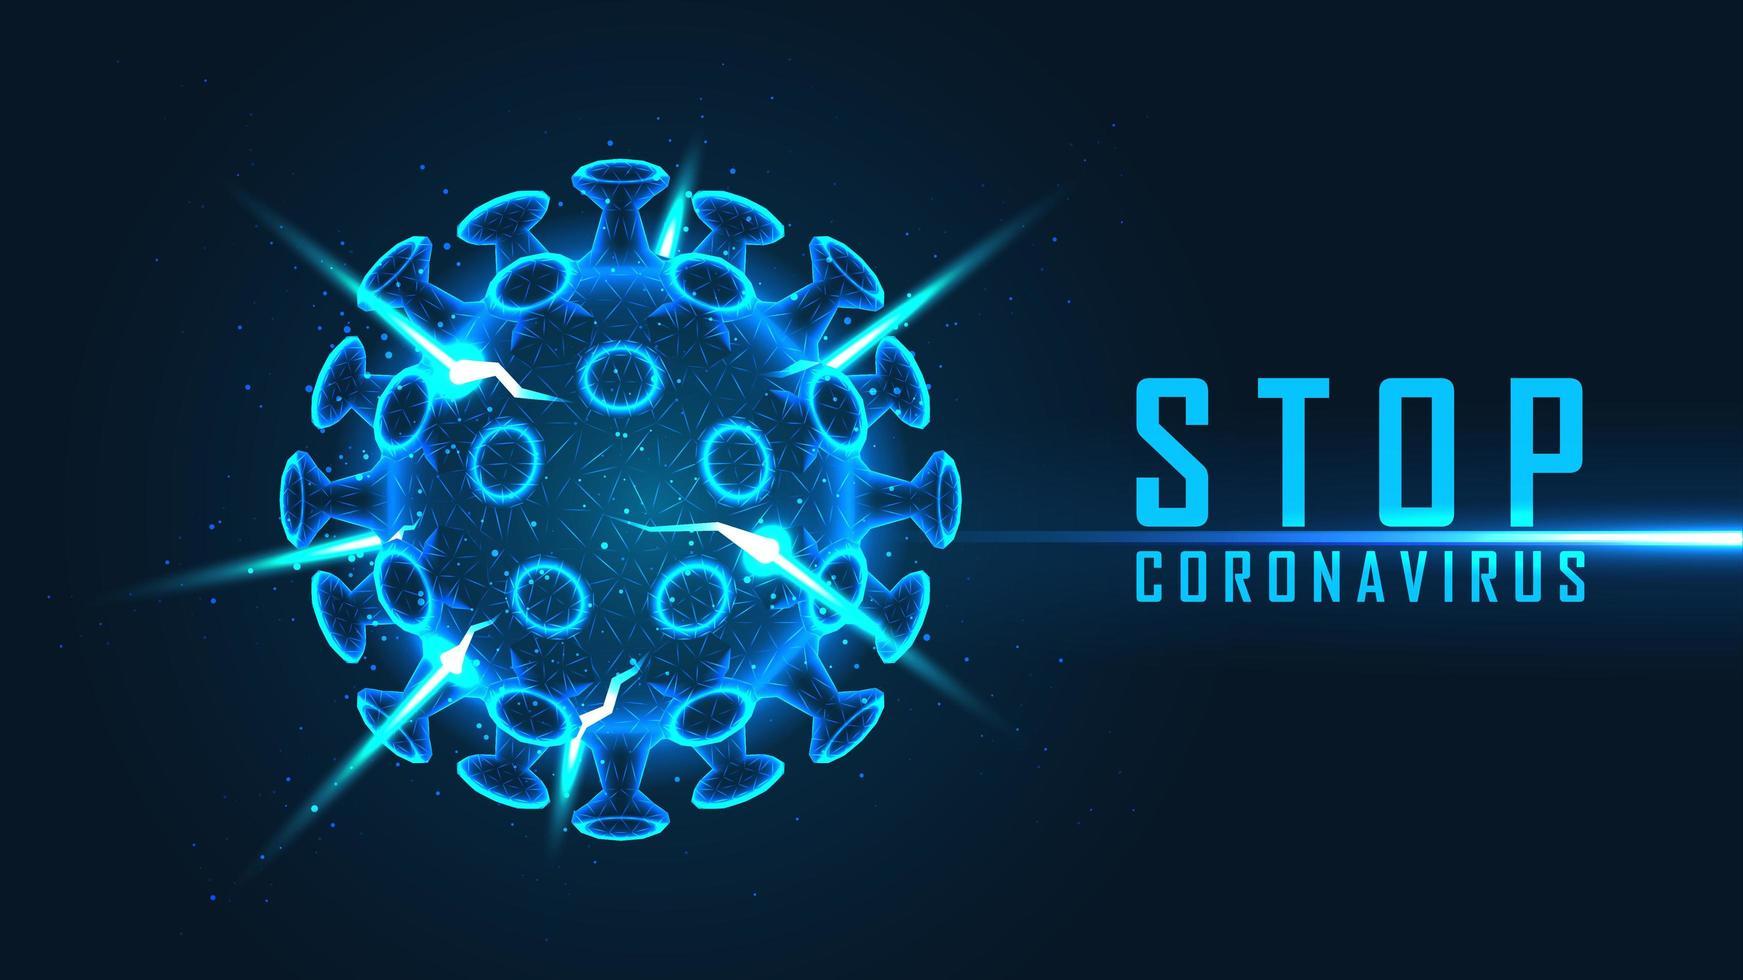 Stoppen Sie das Coronavirus-Poster mit der blauen Viruszelle vektor